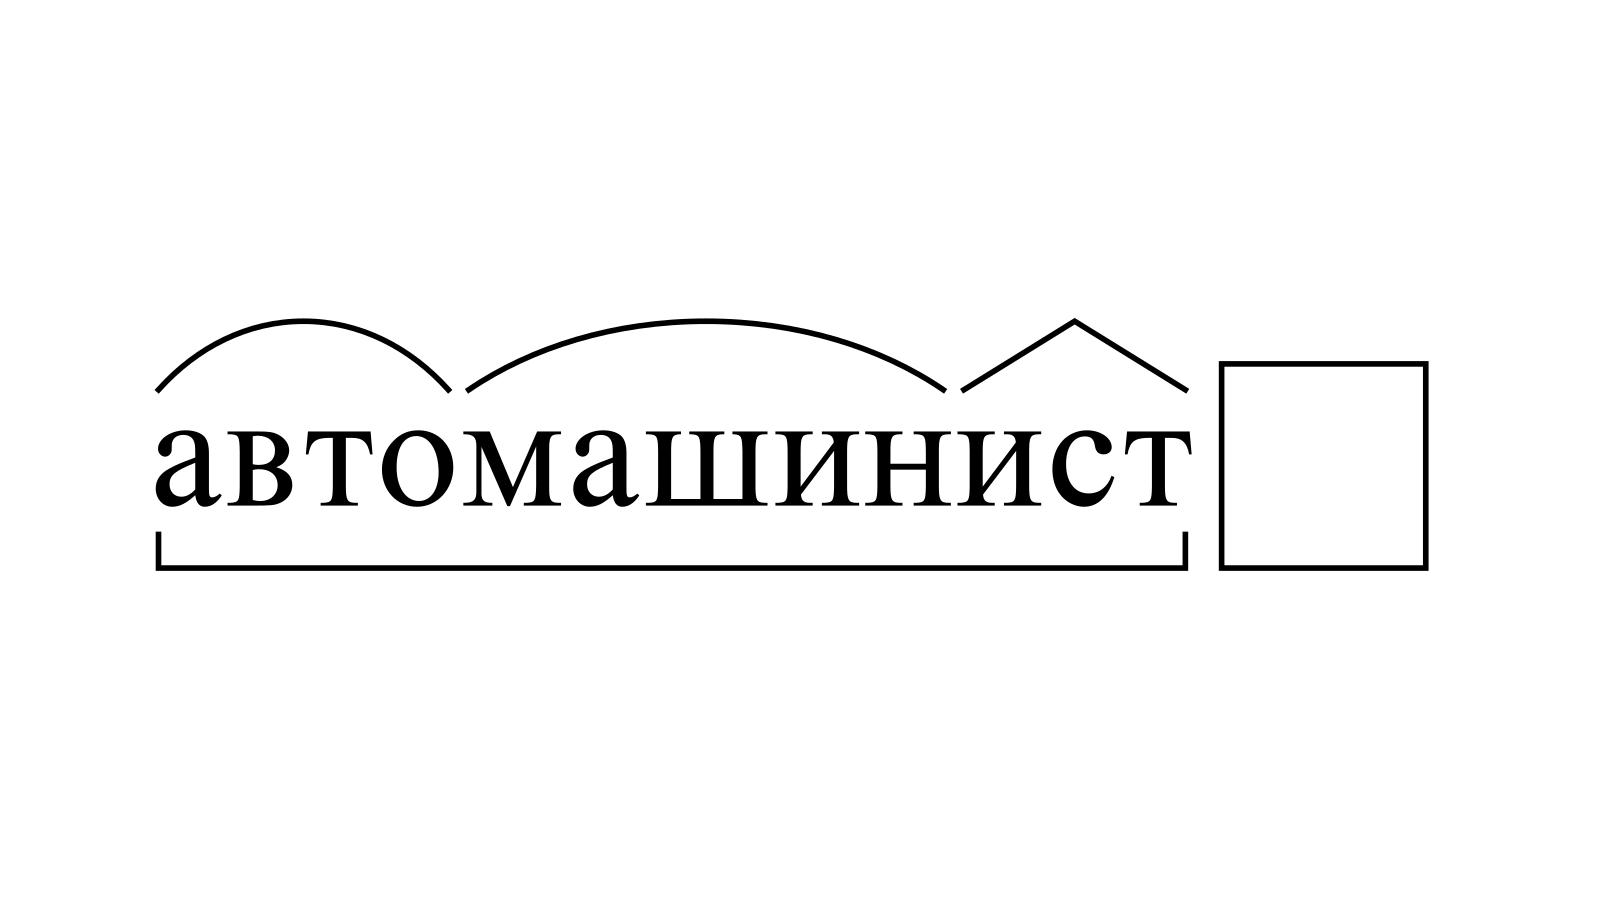 Разбор слова «автомашинист» по составу